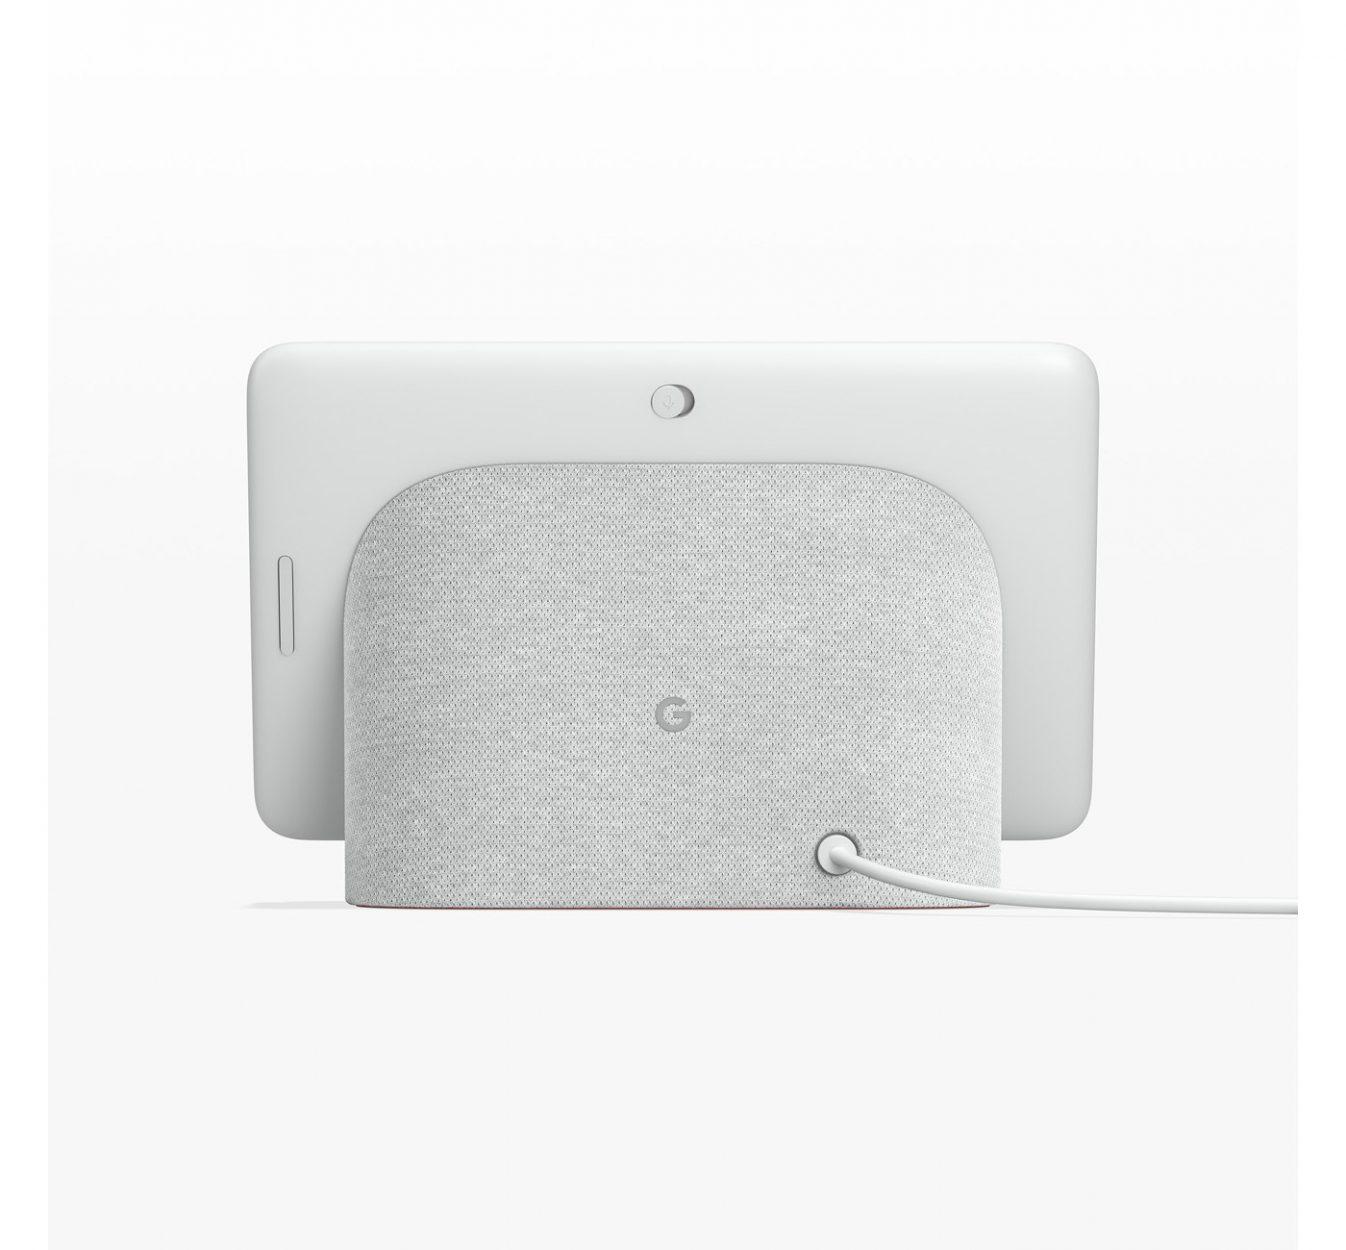 Google Home Smart Hub Display